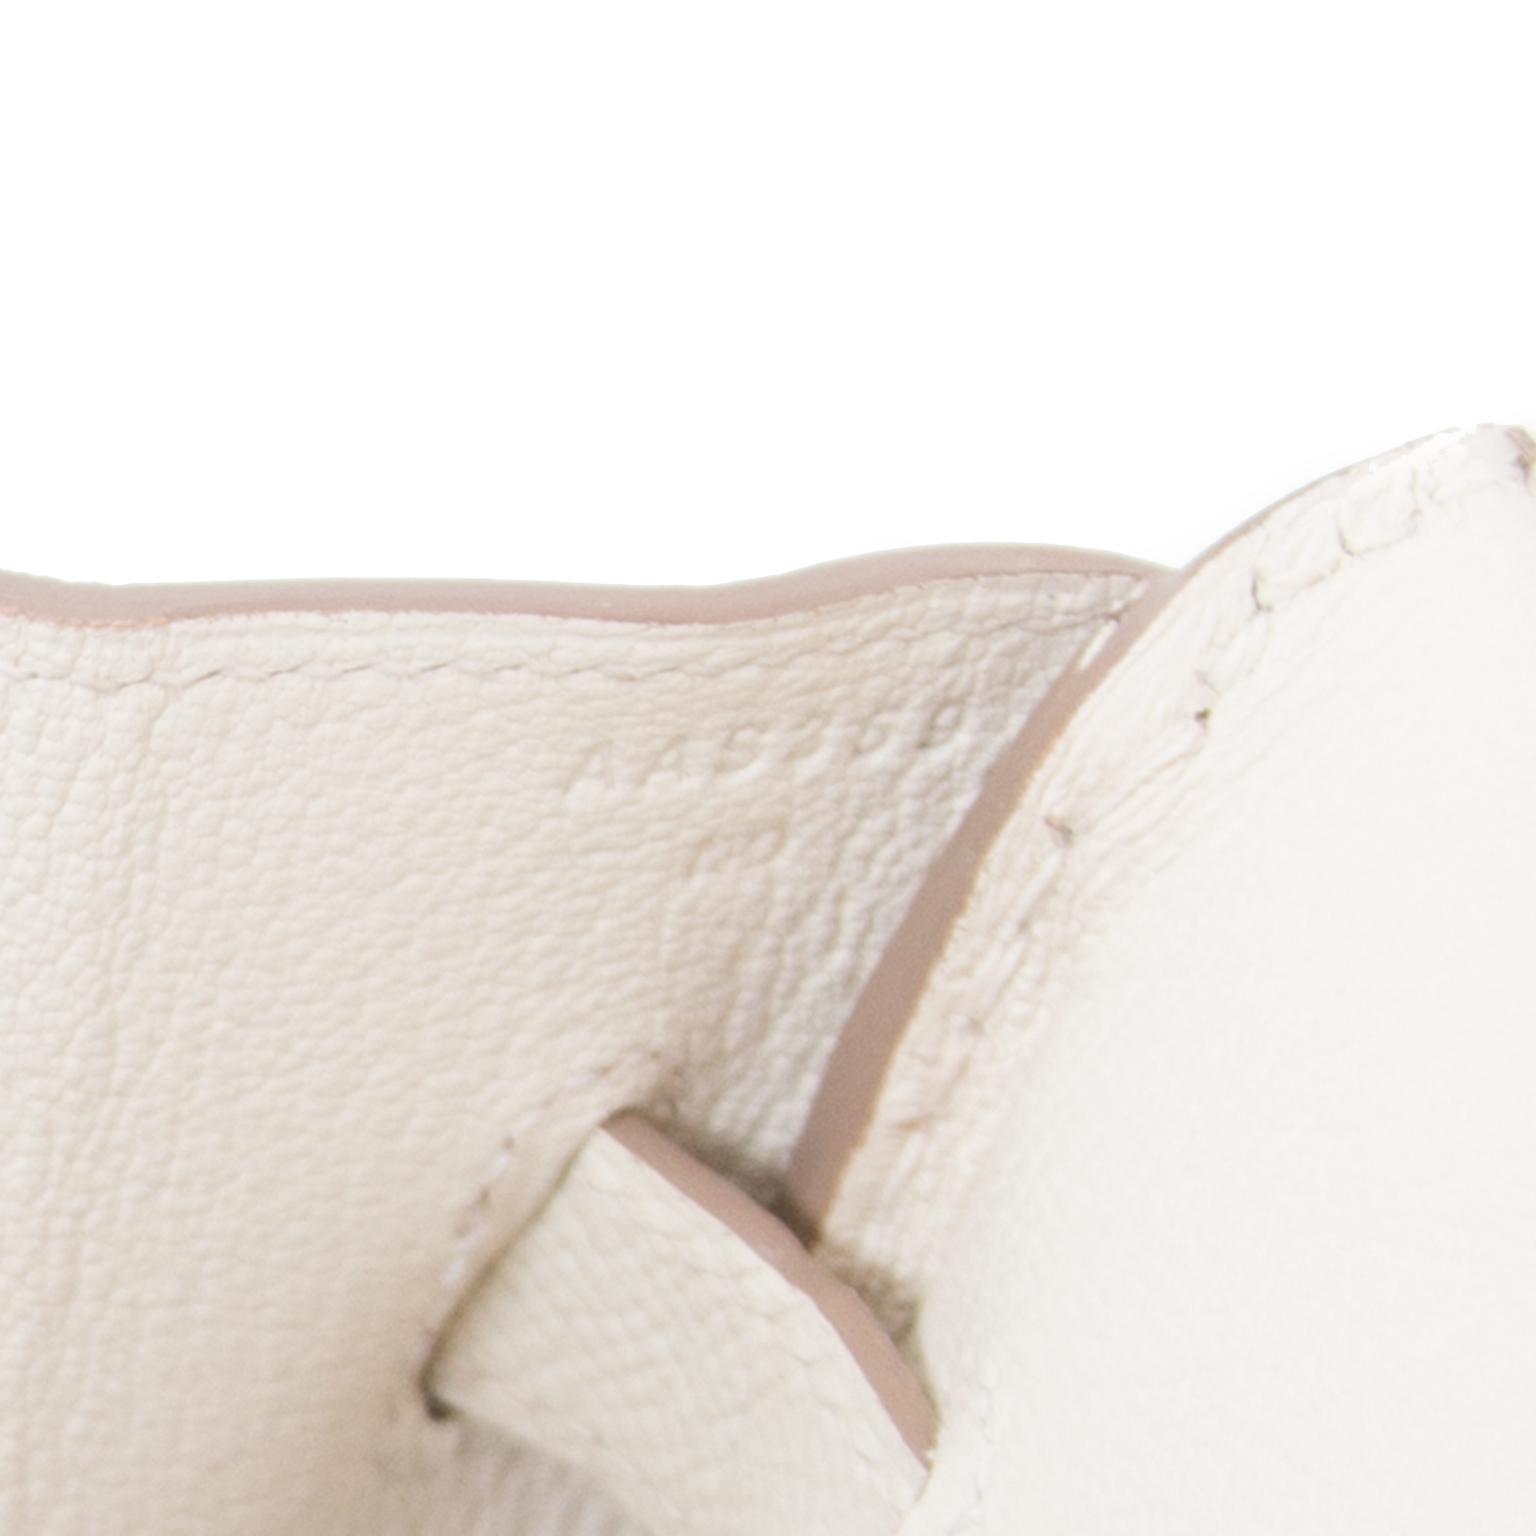 koop veilig online aan de beste prijs Brand New Hermes Birkin 35 Craie Epsom PHW